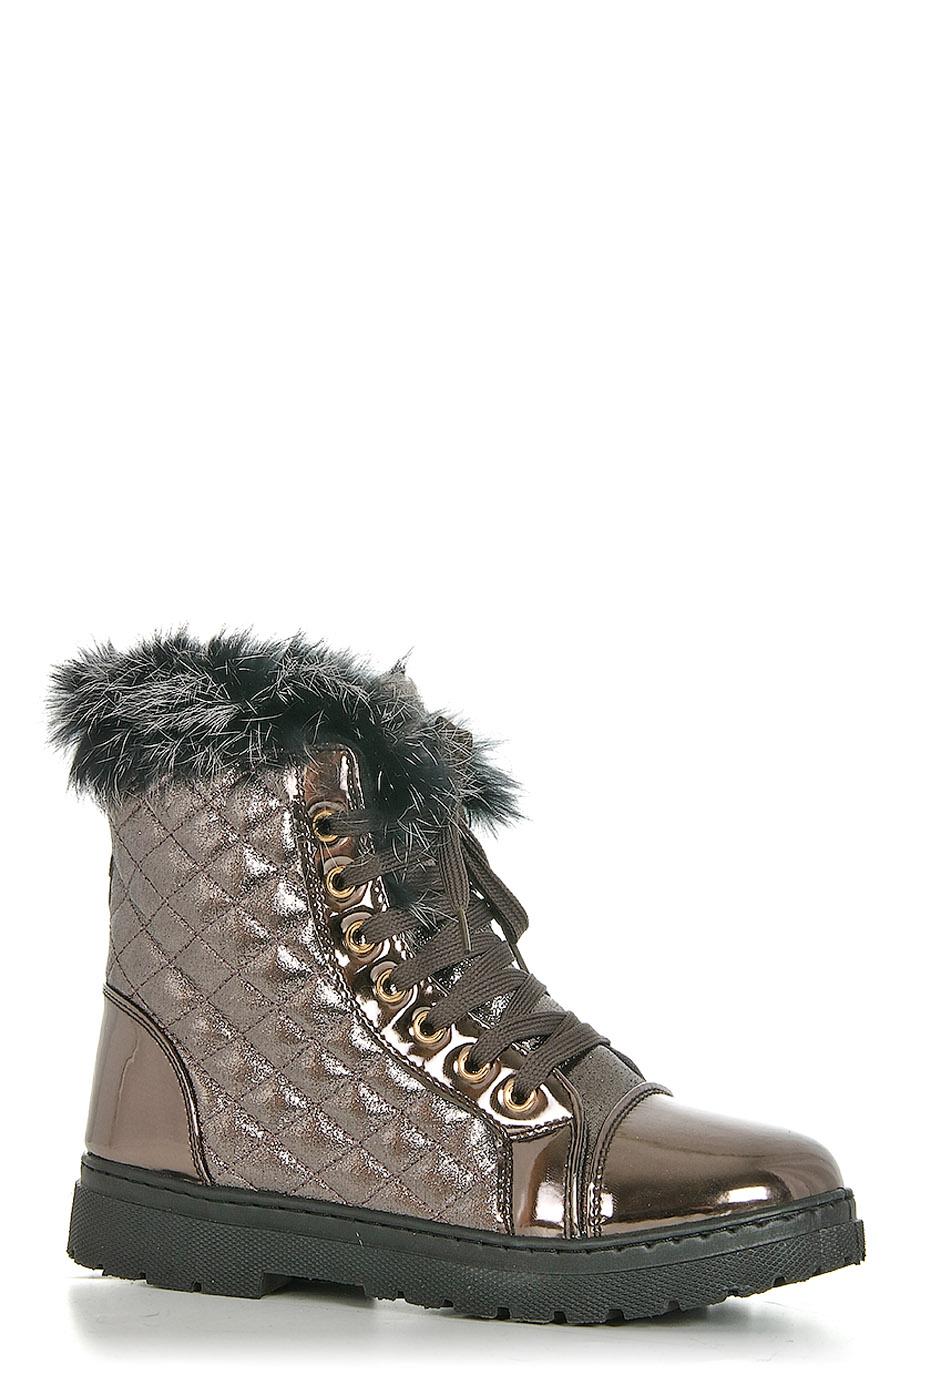 Ботинки TOPLAND2352-PB-72503S/SILVER